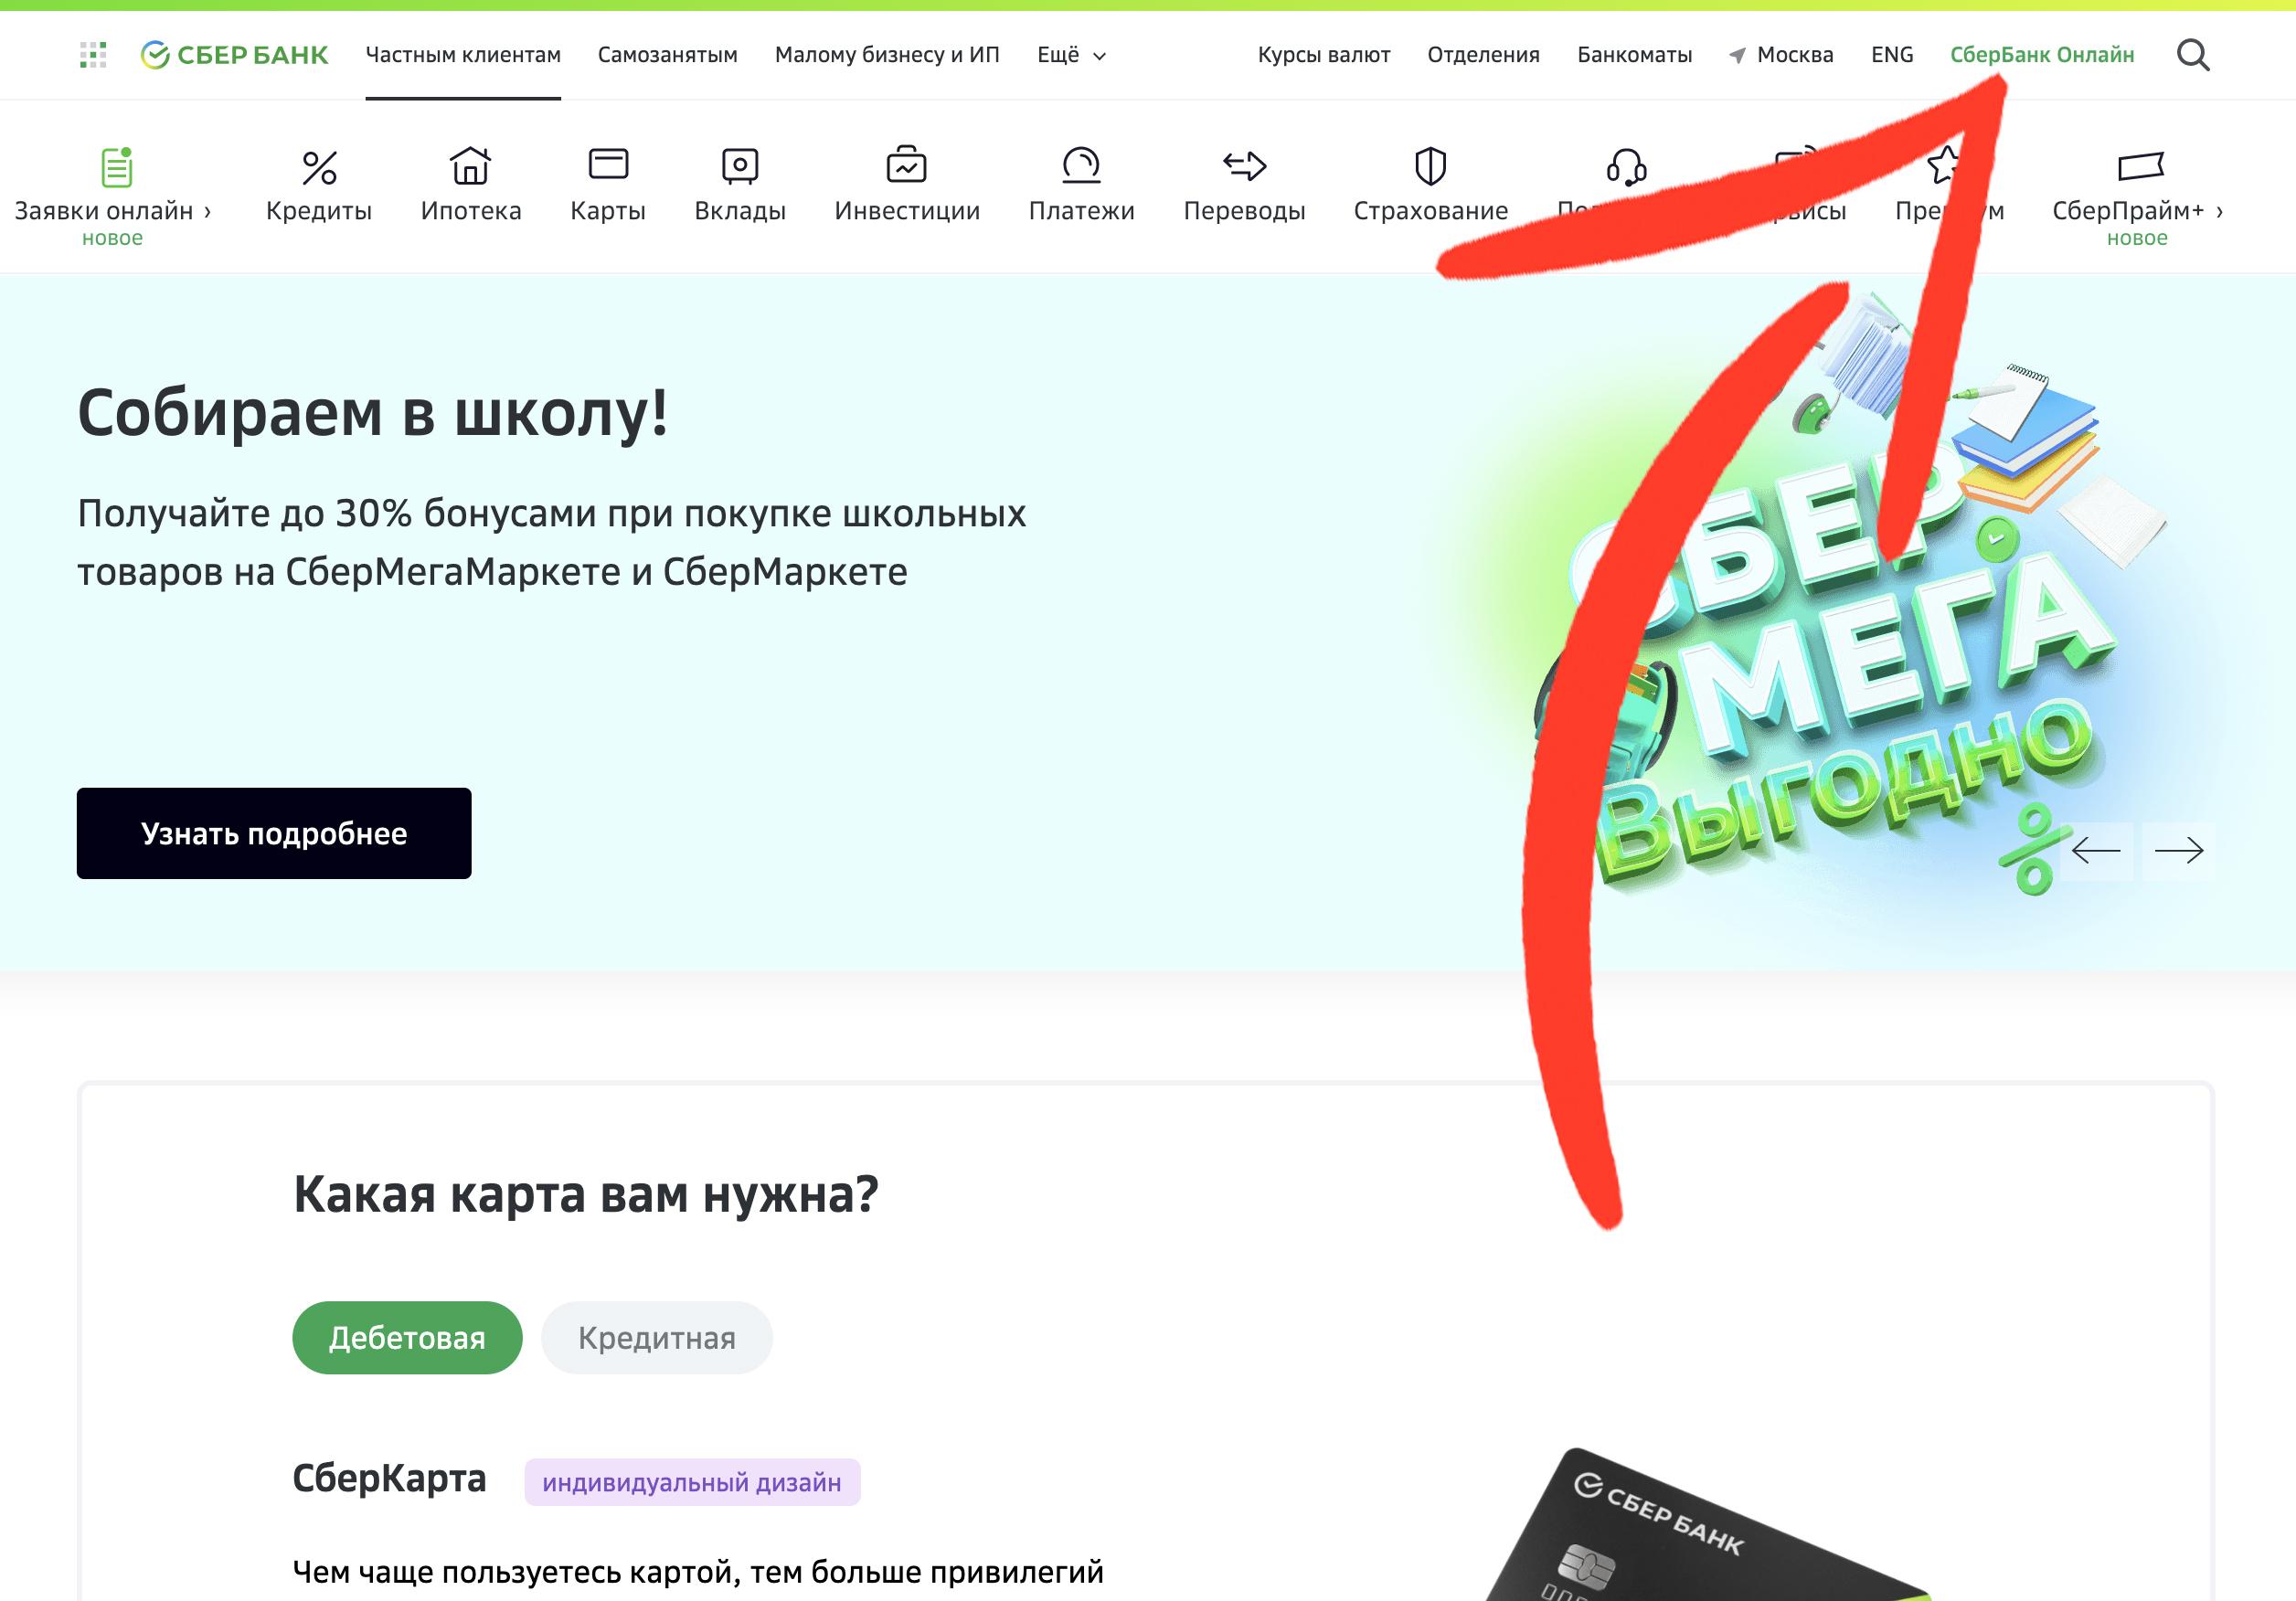 как получить логин, пароль для сбербанк онлайн